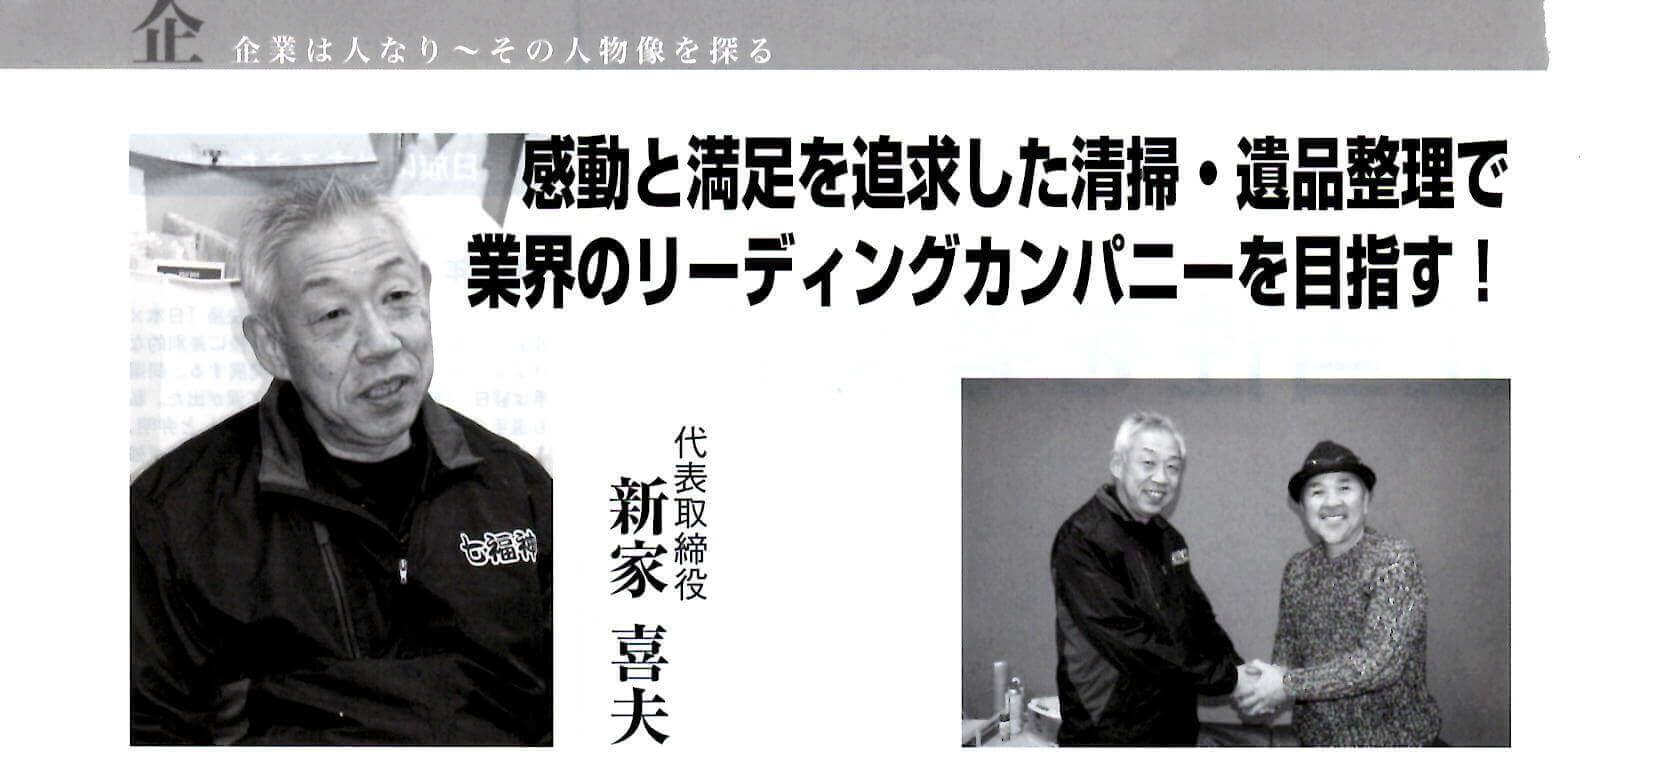 つまみ枝豆さんと掃除業者代表の対談